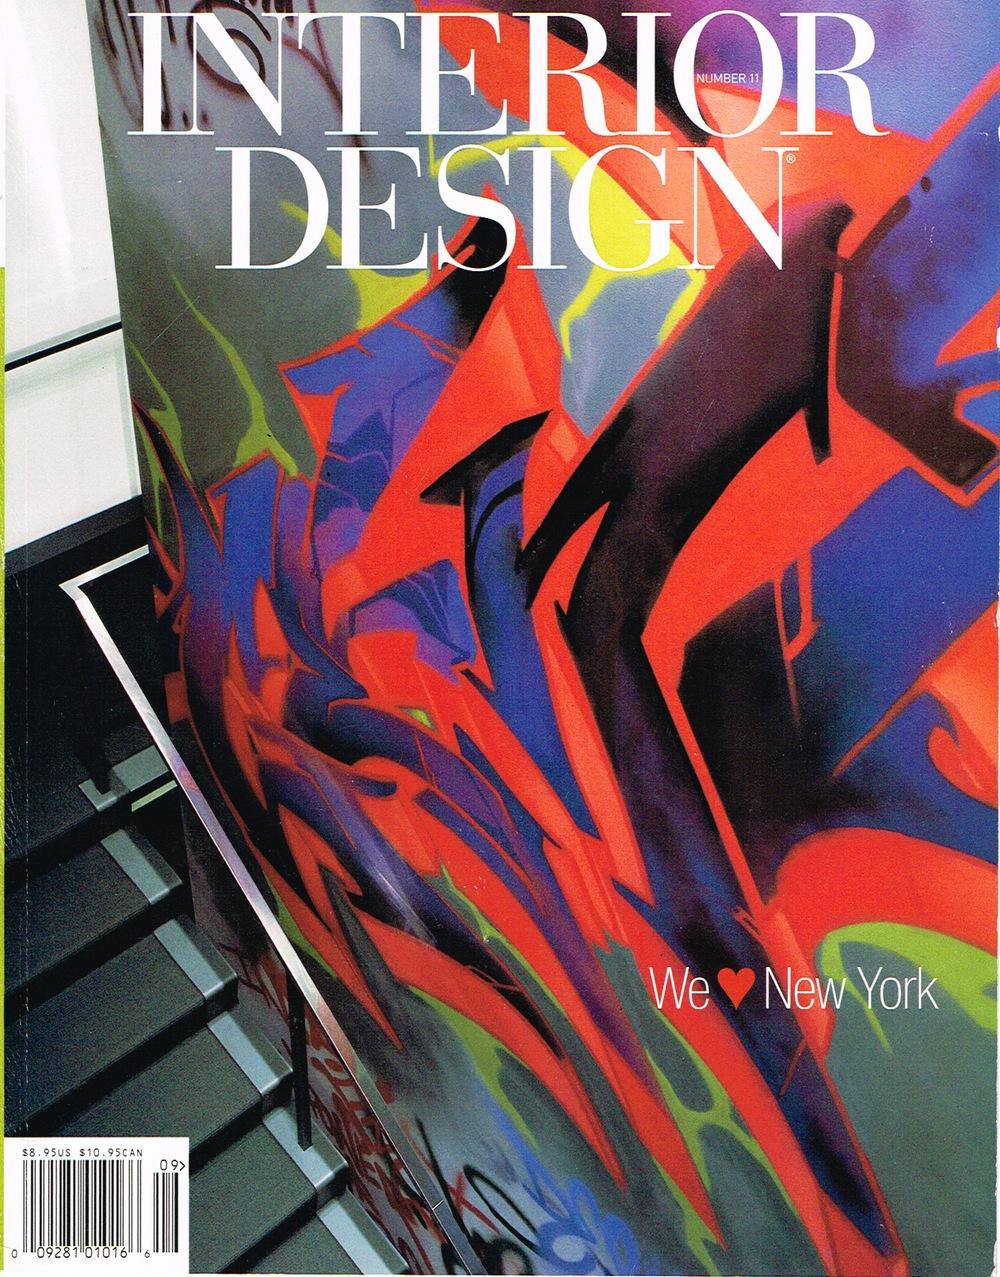 ID Sept 2007 cover.jpeg